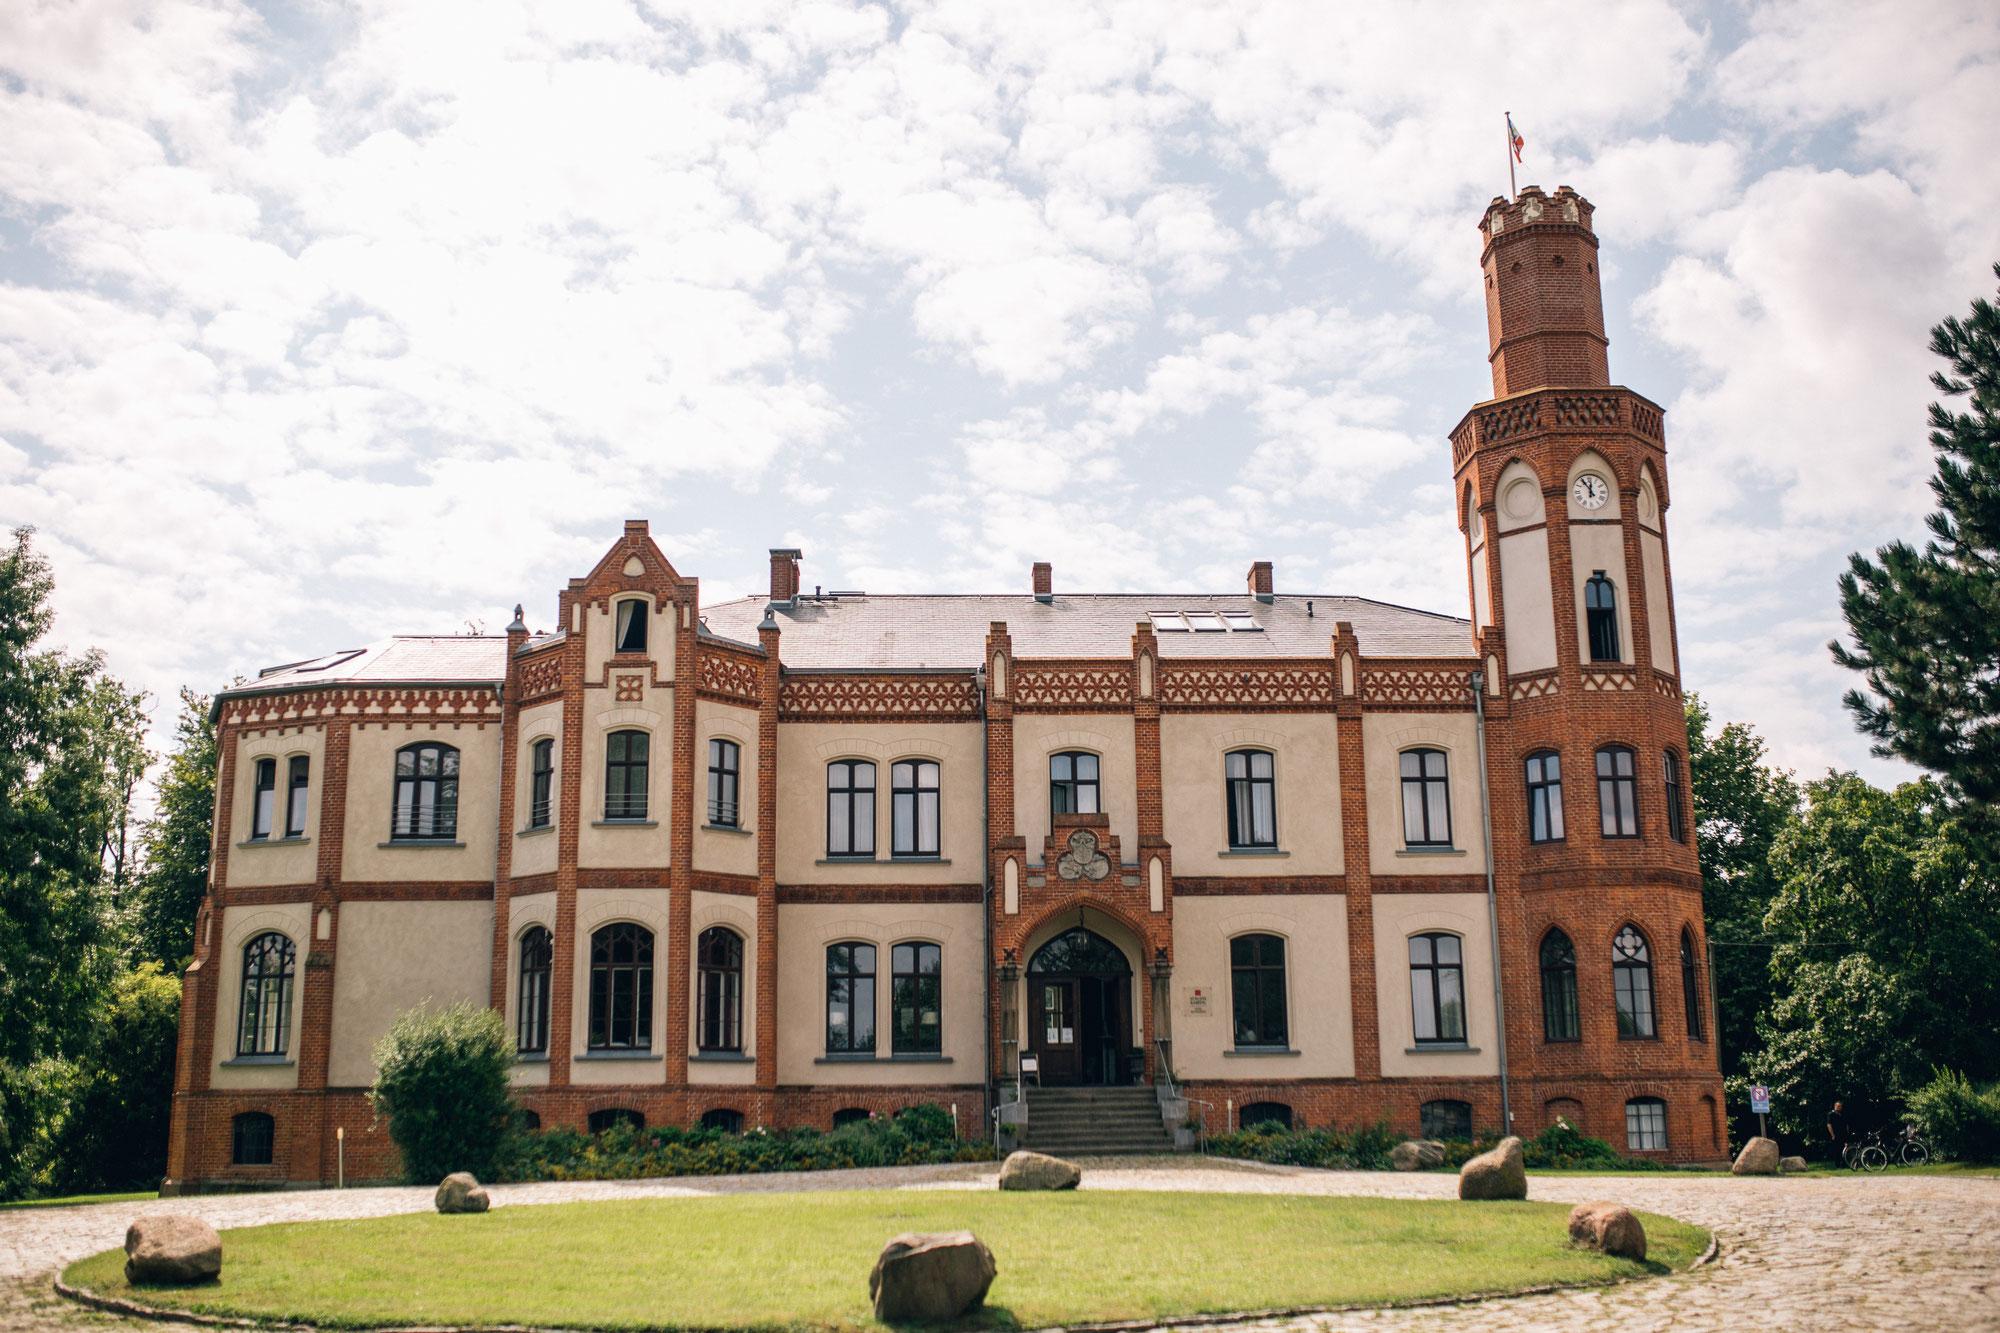 Schloss Gamehl - Das Hochzeitsschloss